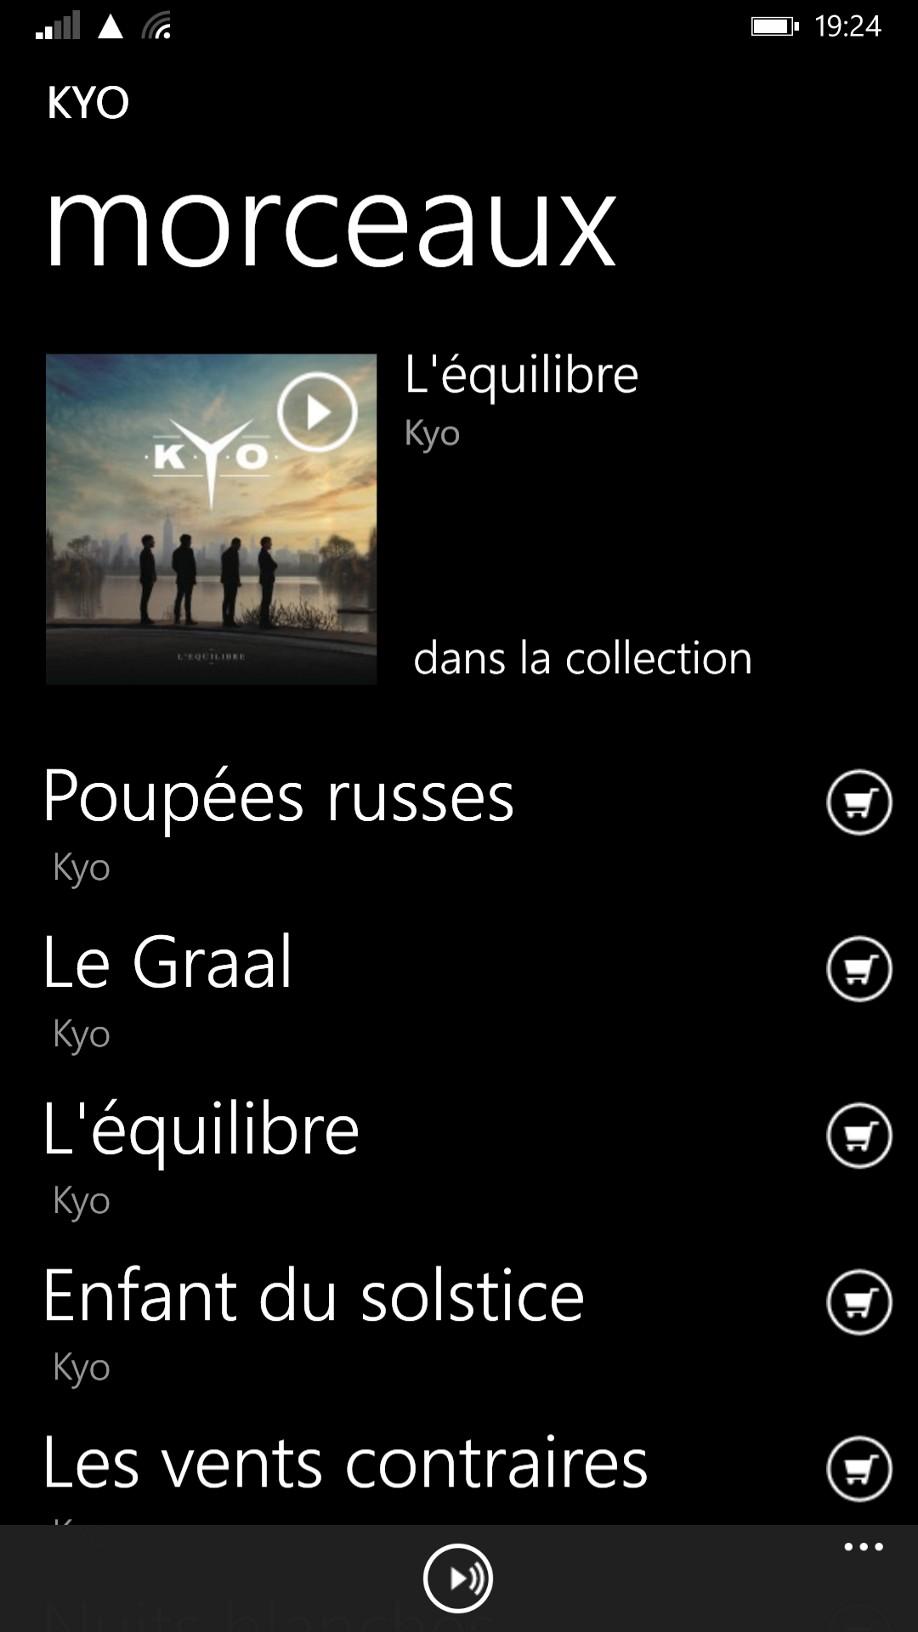 GRATUIT TÉLÉCHARGER LEQUILIBRE ALBUM KYO